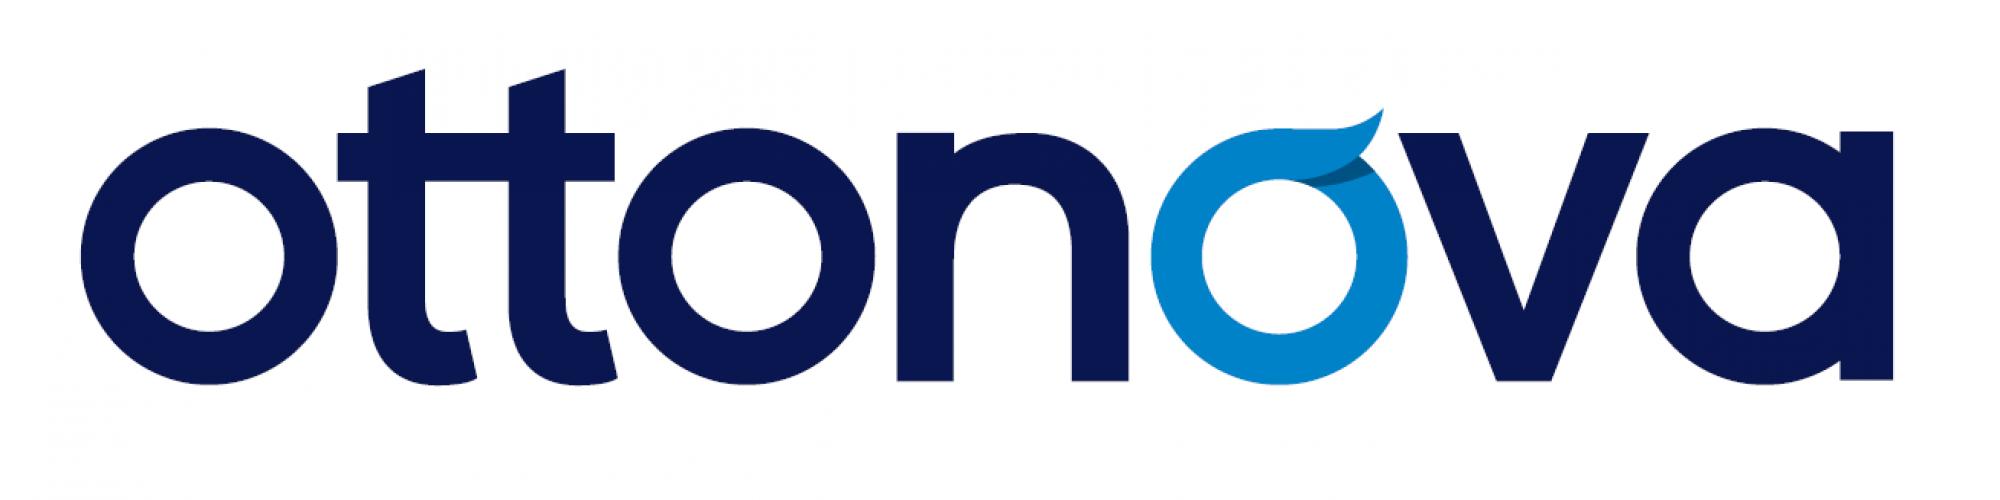 ottonova Krankenversicherung AG